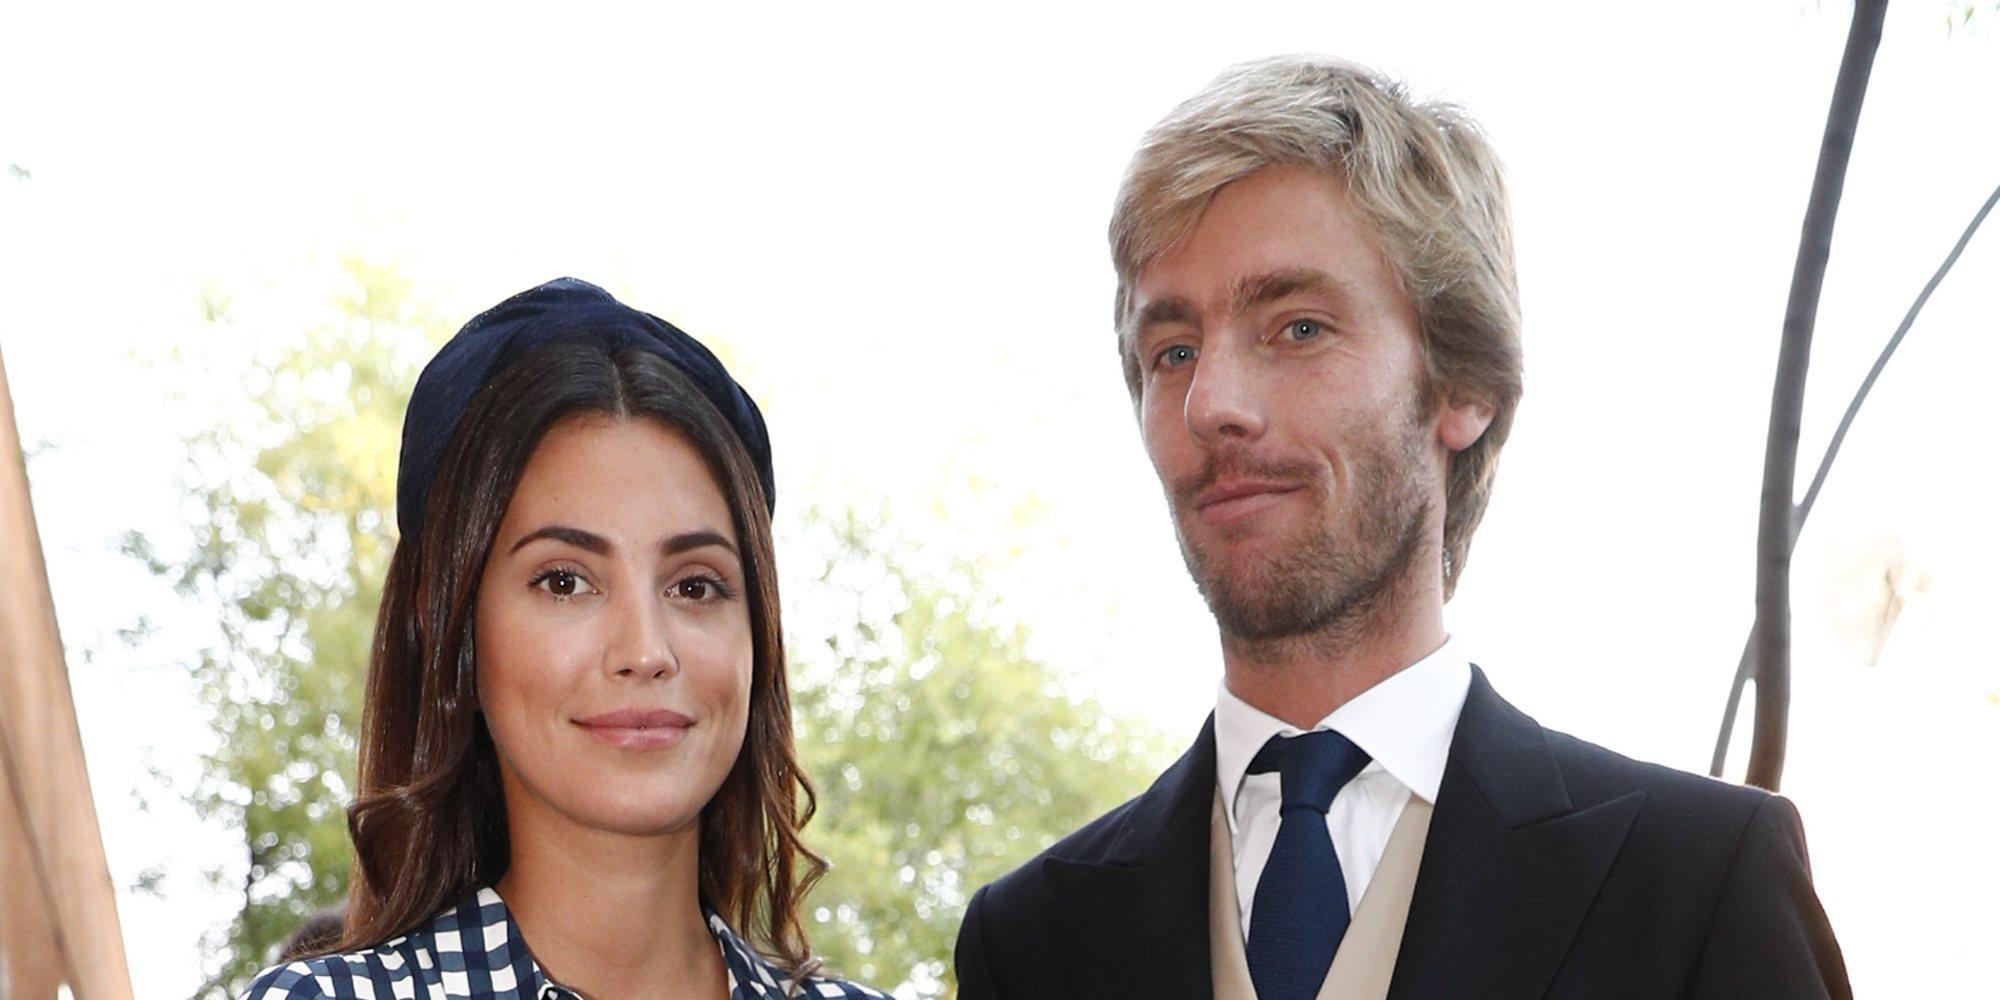 Sassa de Osma y Christian de Hannover, protagonistas de la boda de unos amigos en Madrid